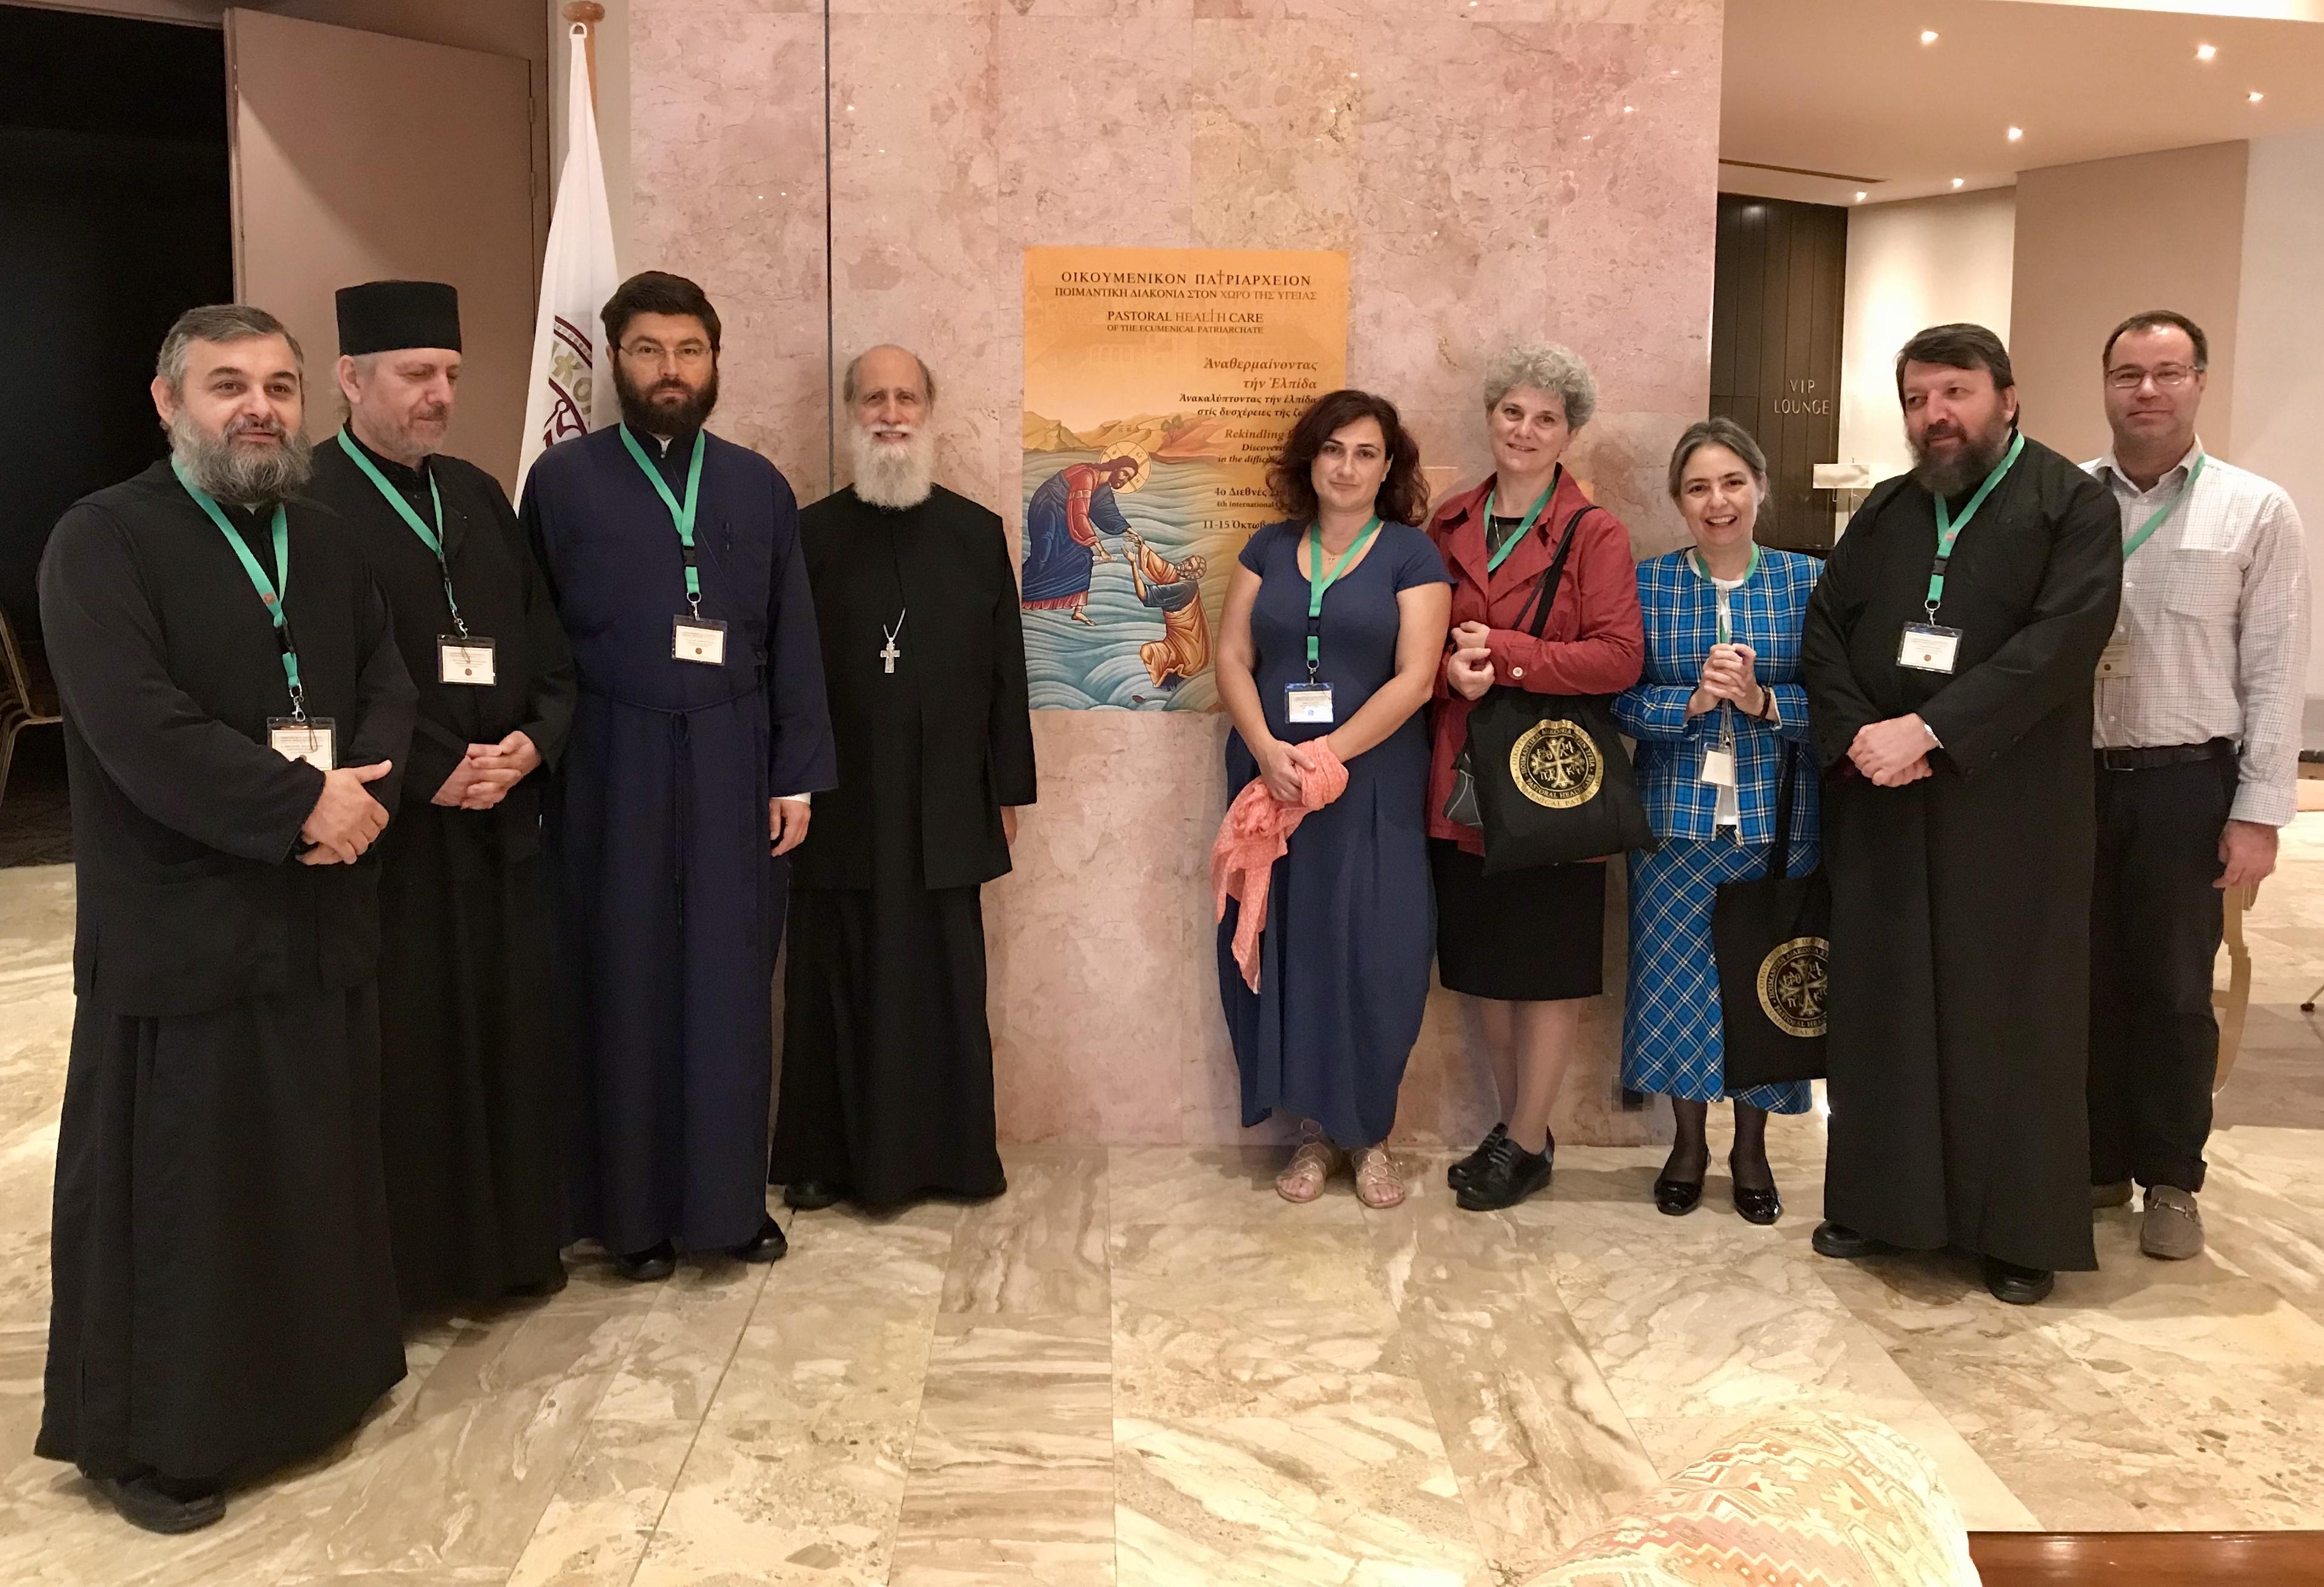 Εκπρόσωποι της Ιεράς Μητροπόλεως στο 4ο Διεθνές Συνέδριο για την Ποιμαντική στο χώρο της Υγείας